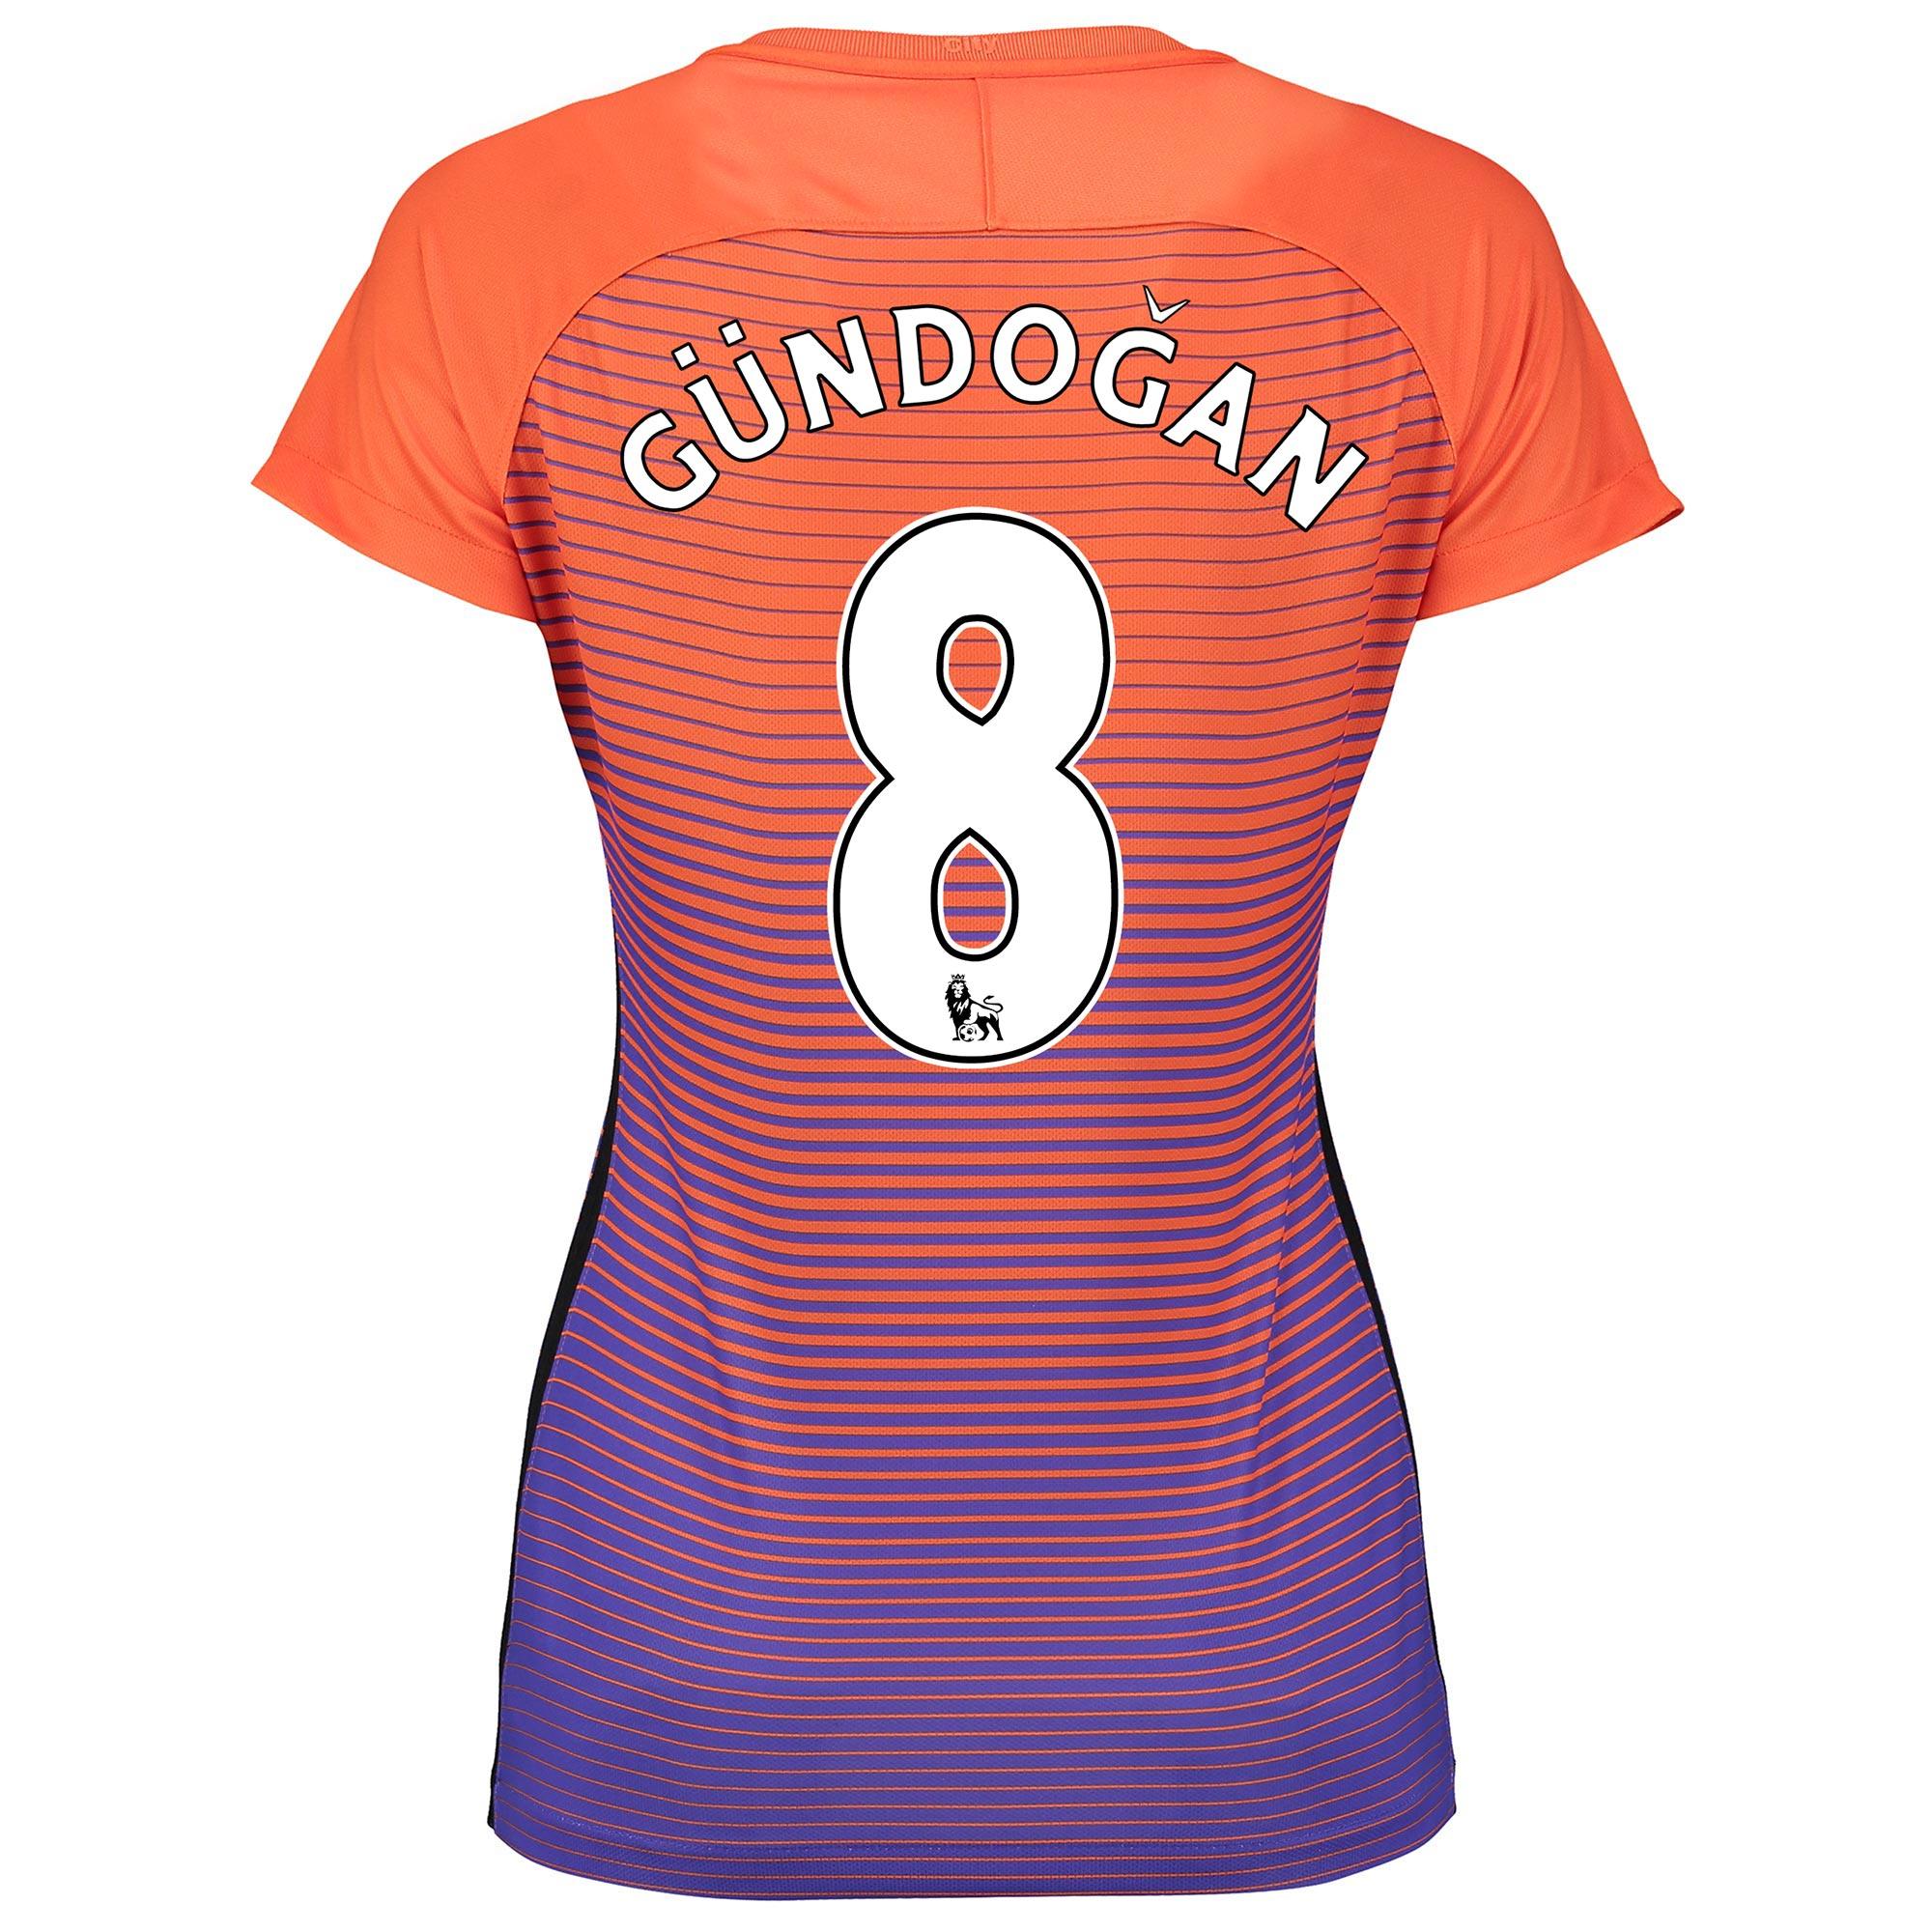 Manchester City Third Stadium Shirt 2016-17 - Womens with G??ndogan 8 p